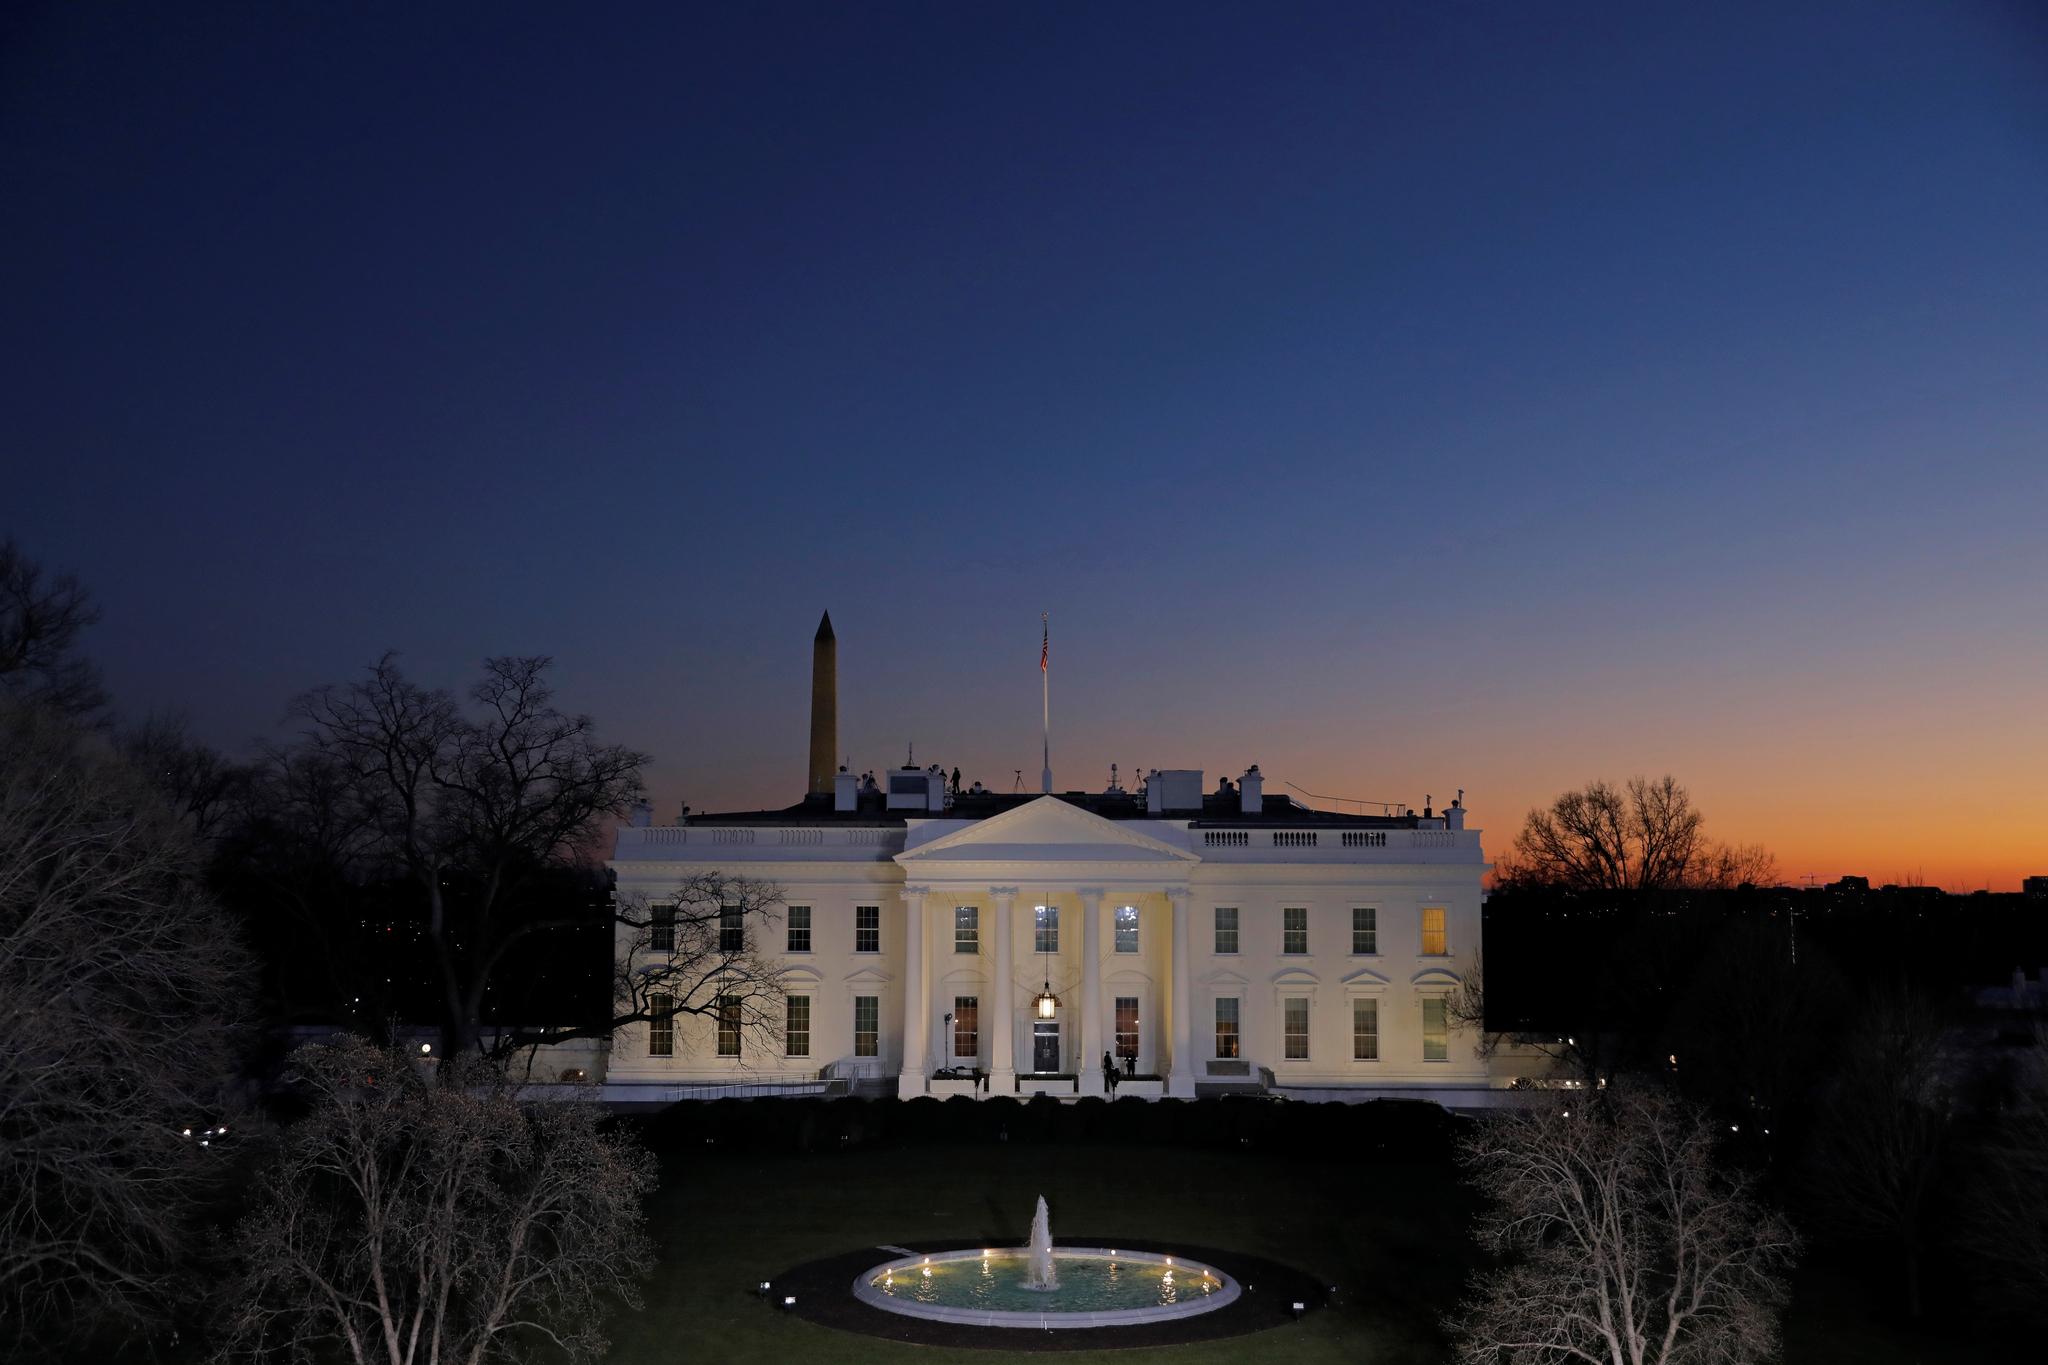 트럼프 미국 대통령의 임기 마지막날인 1월 19일 저녁 백악관 뒤로 노을이 붉다. 로이터=연합뉴스